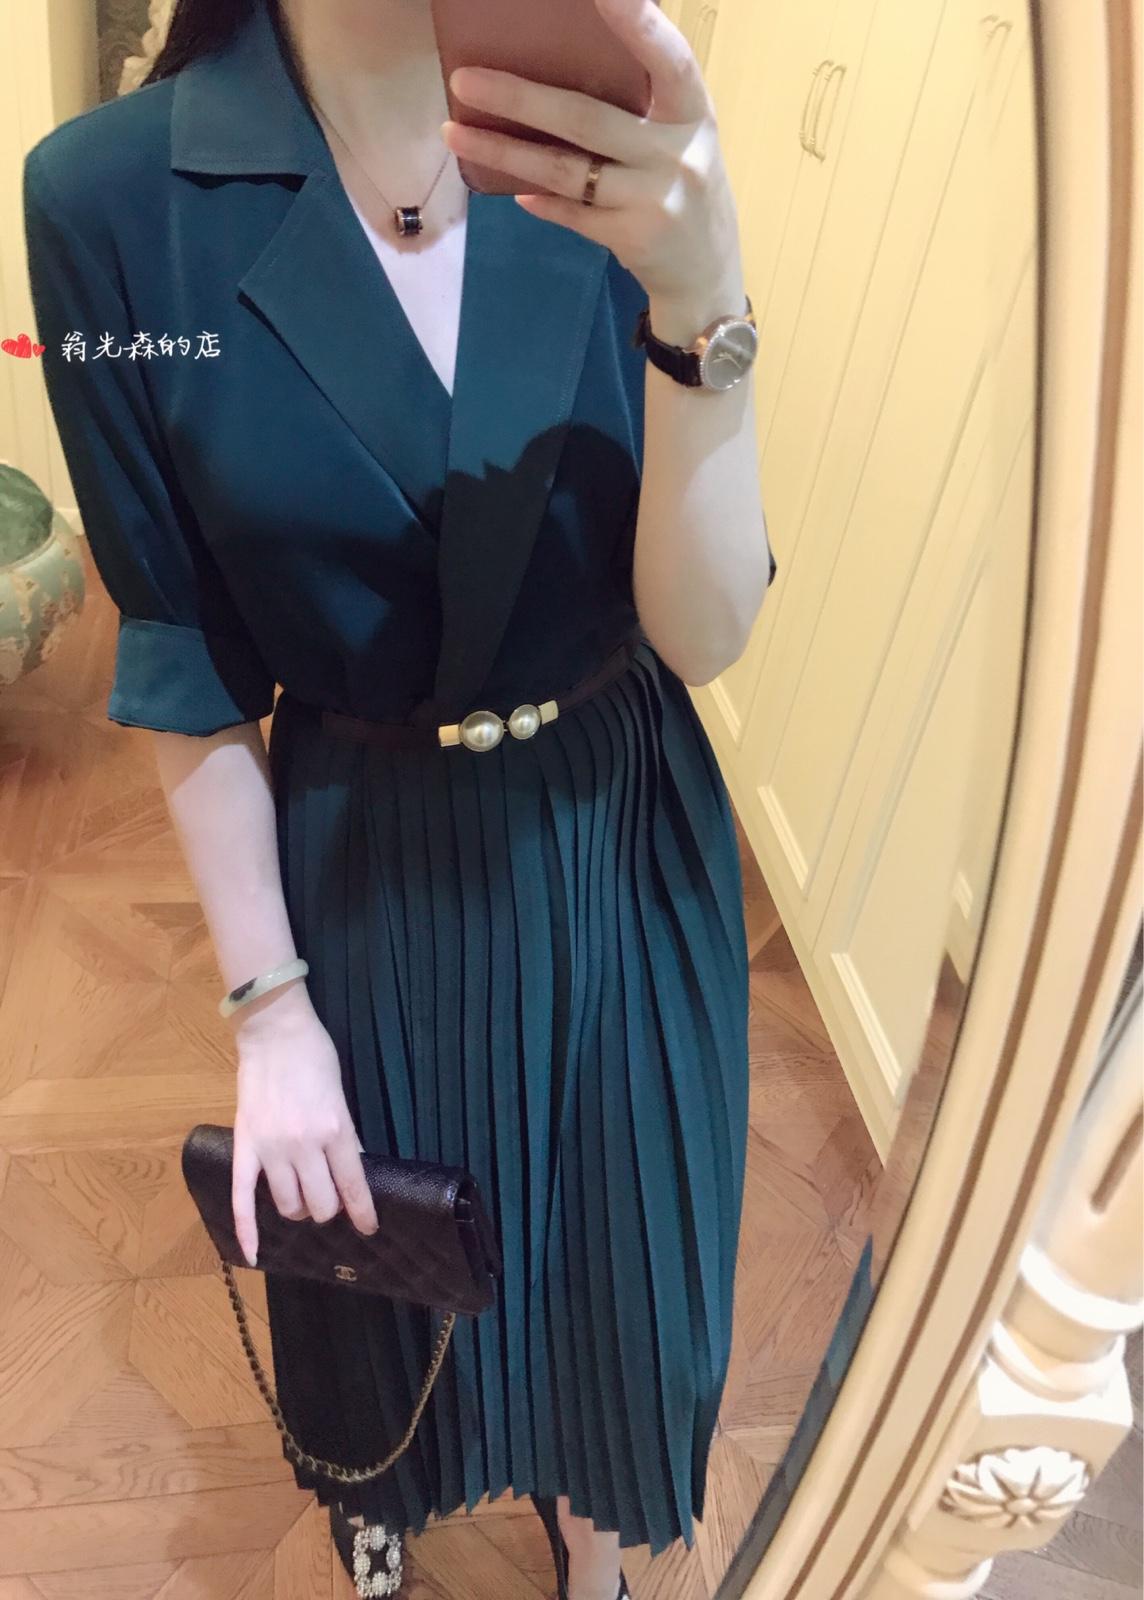 绿色风衣 夏秋 感墨绿色 西装翻领 精英范 垂坠不易皱百褶长款薄风衣裙_推荐淘宝好看的绿色风衣